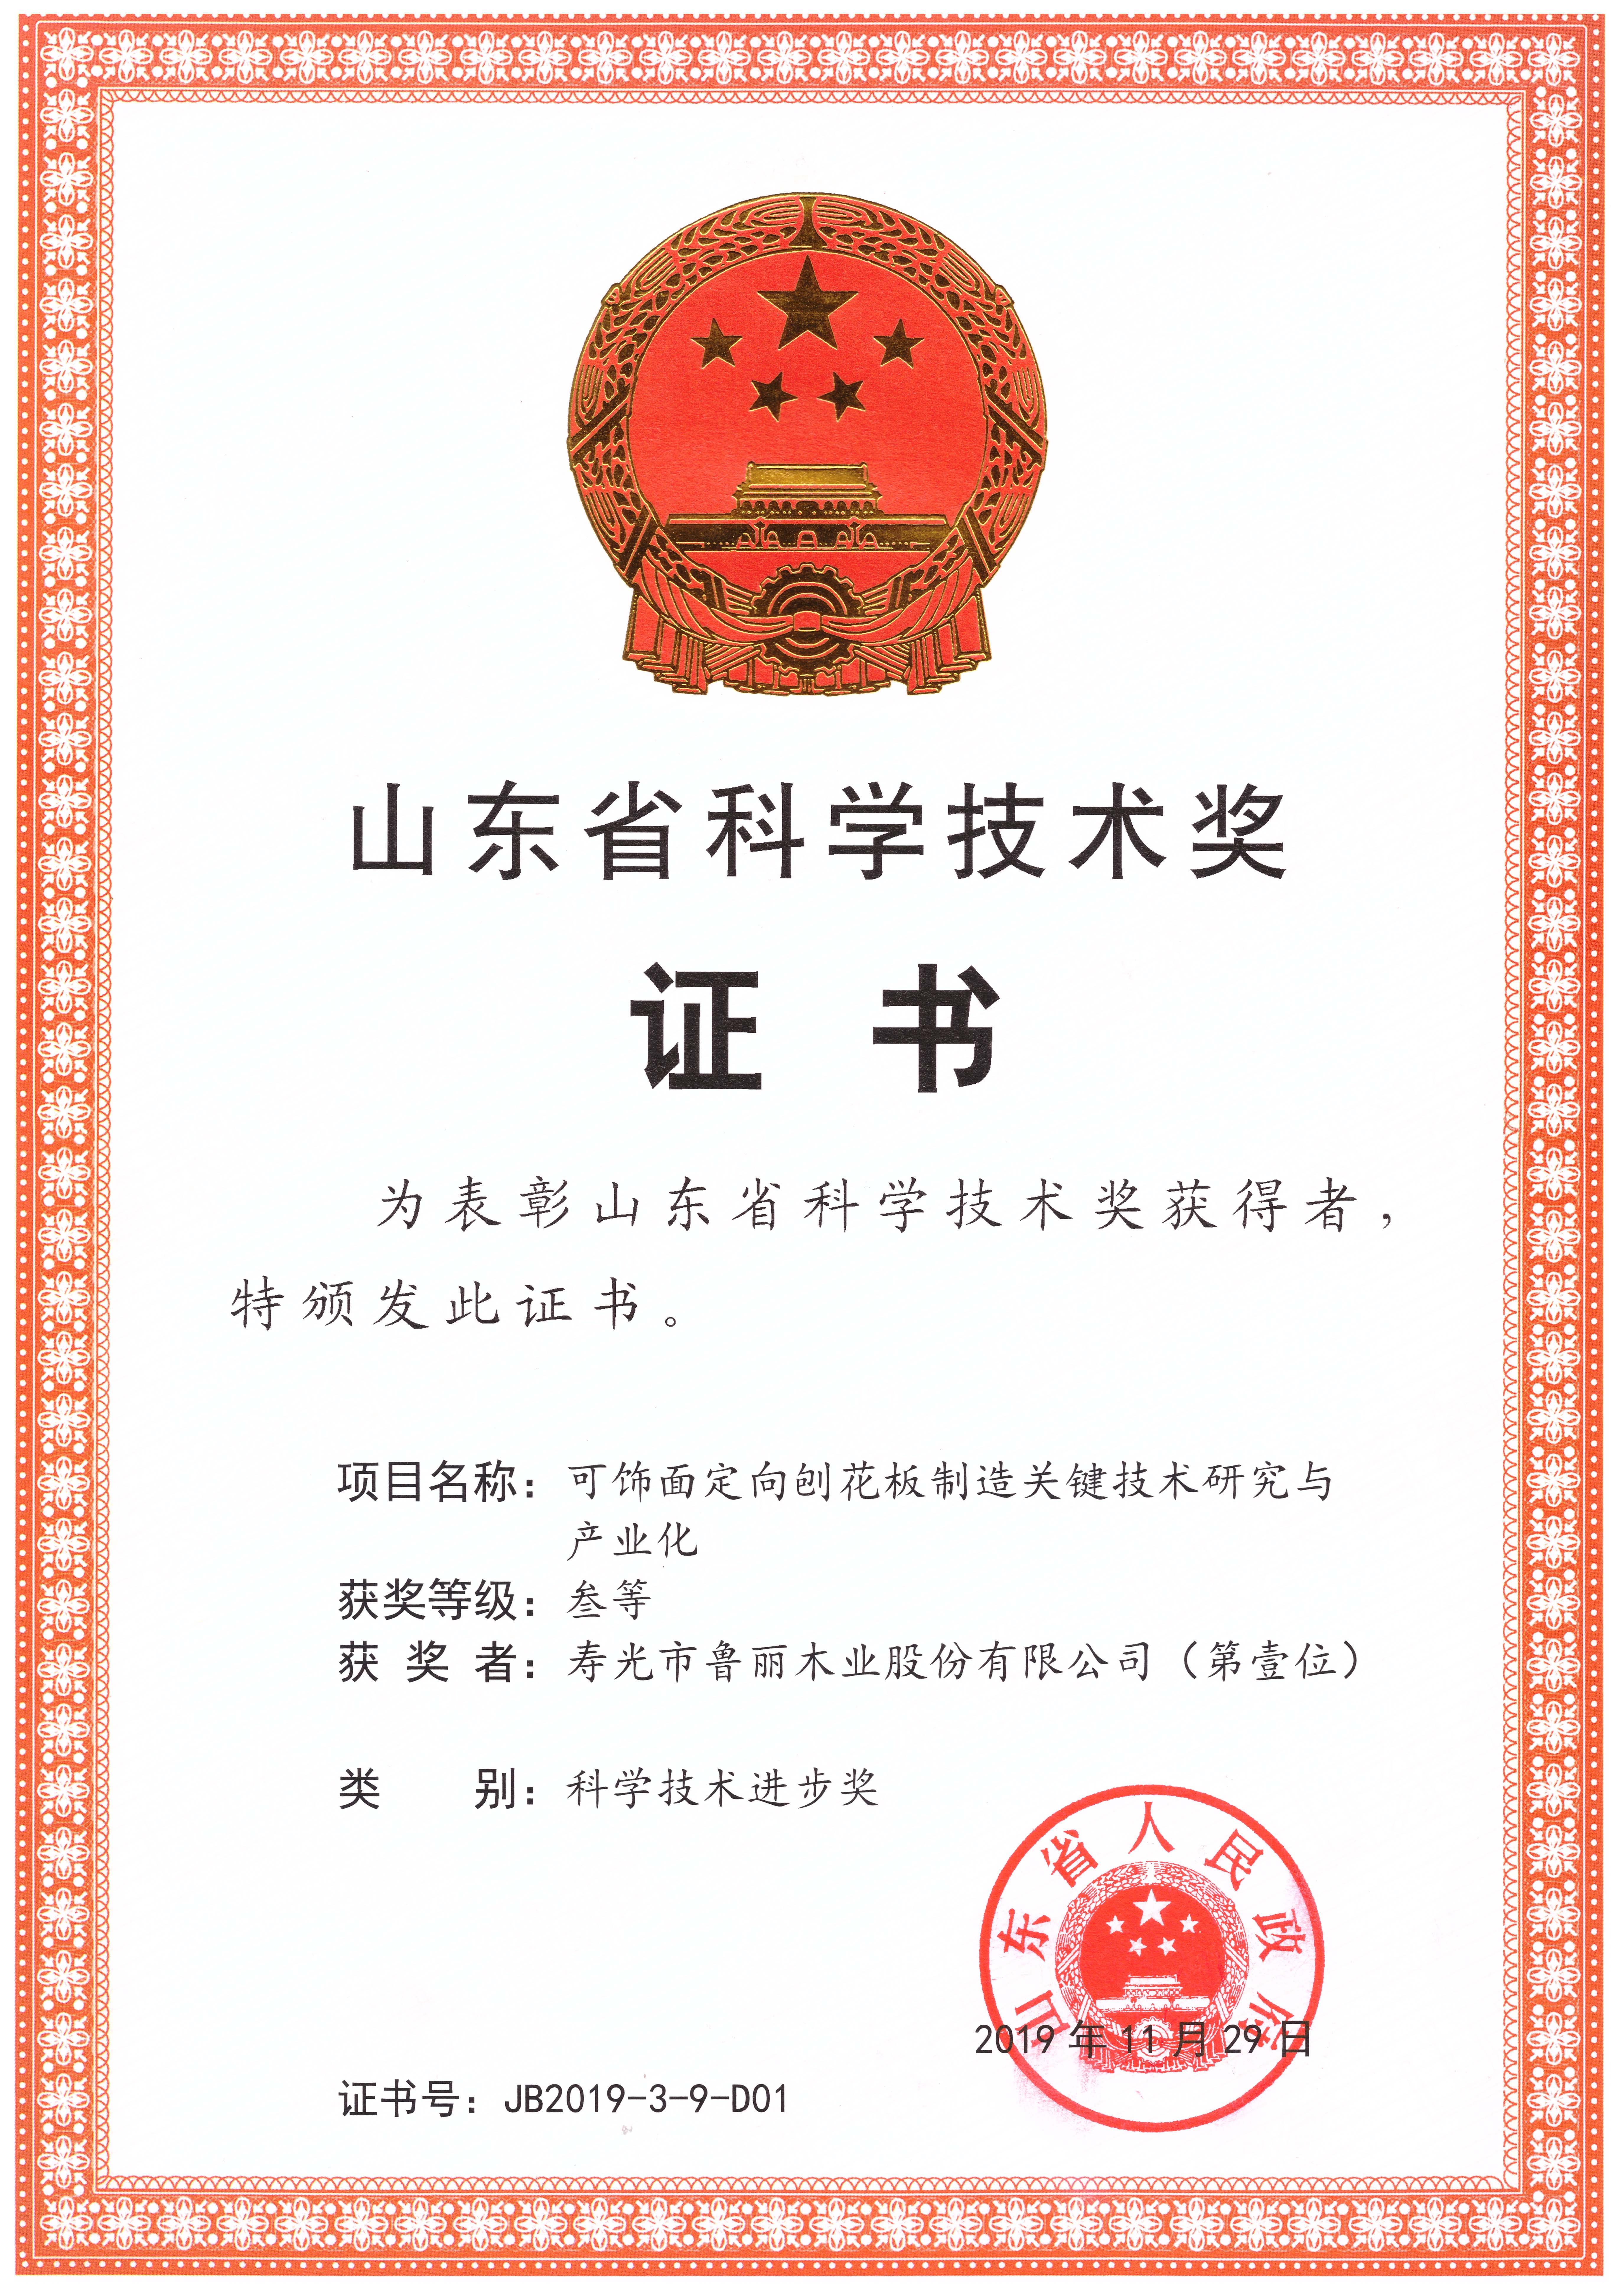 鲁丽木业一项目成果获山东省科学技术奖